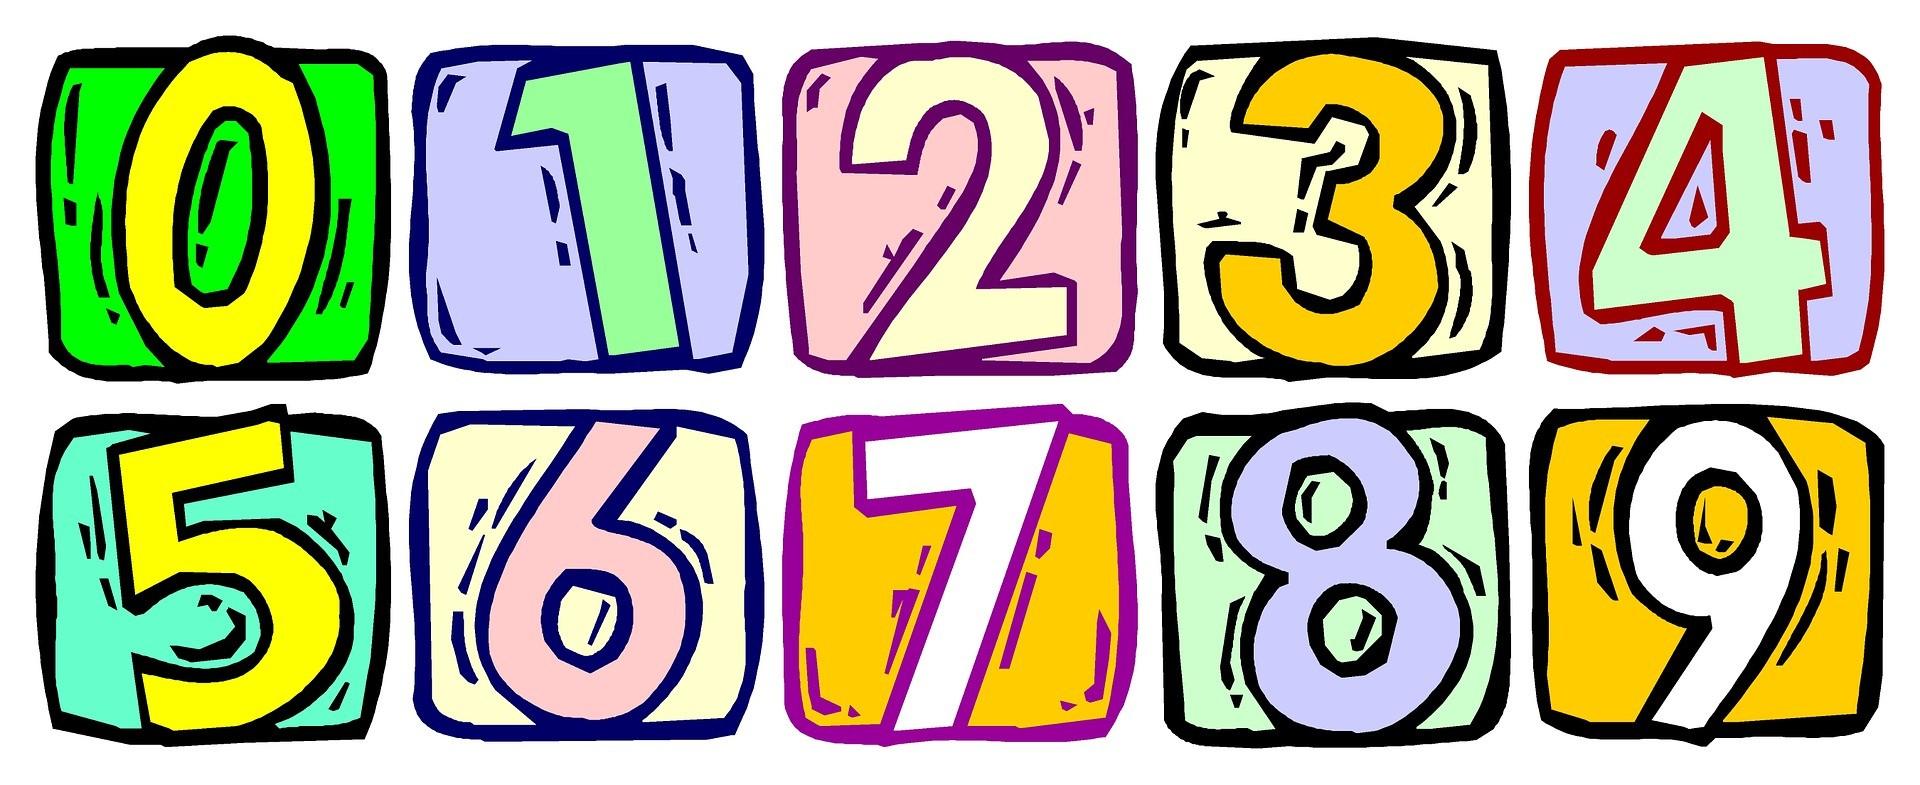 One Line Font Art : Qué es números naturales definición concepto y significado